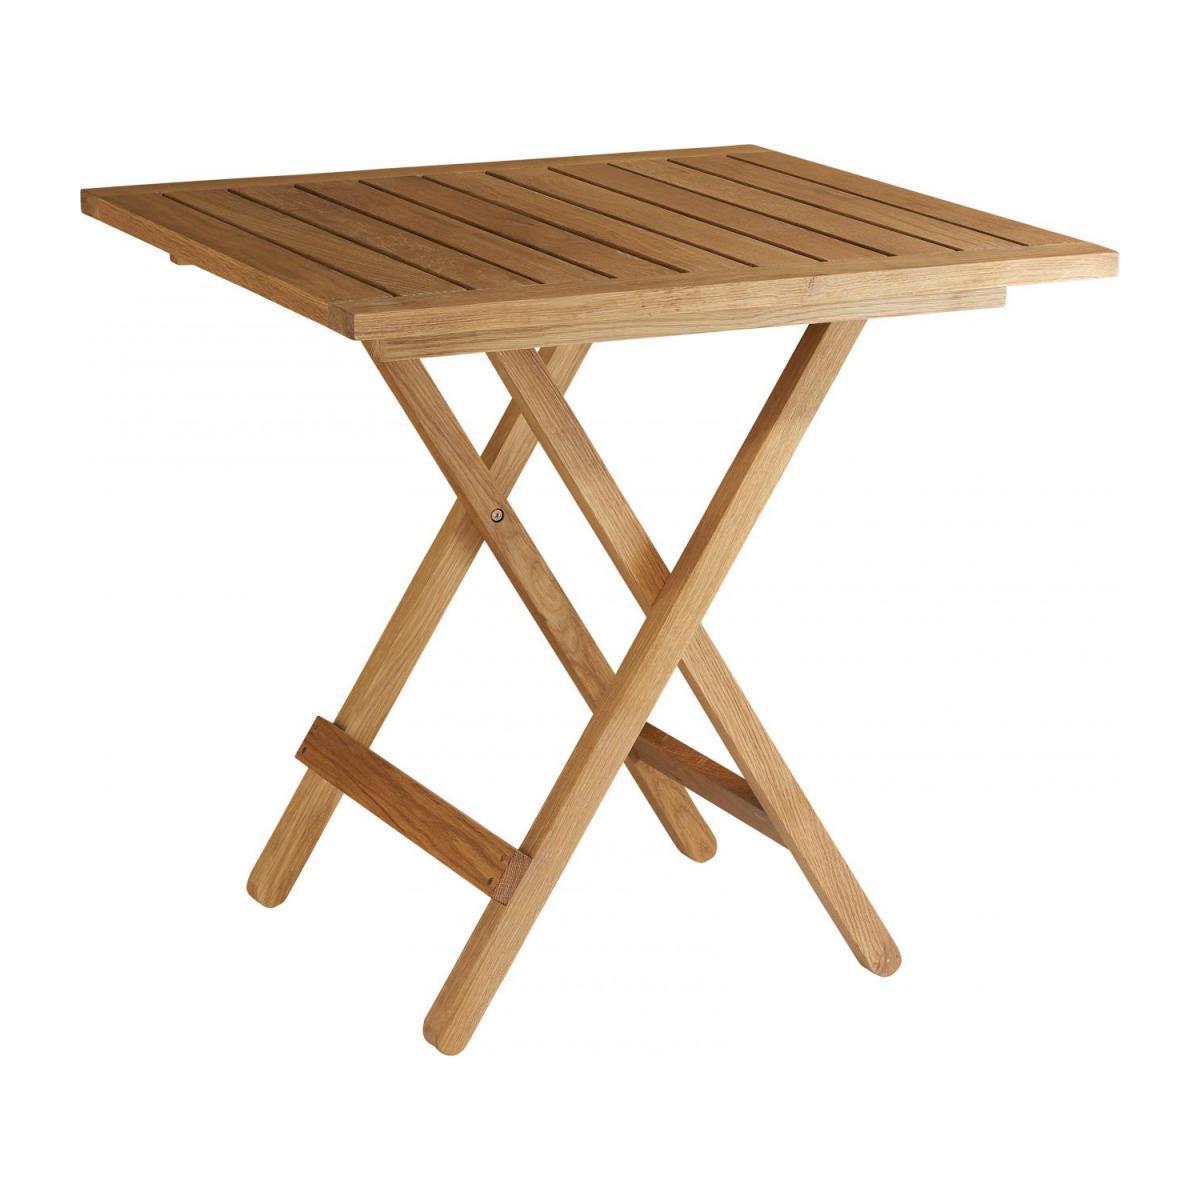 Table Pliante De Jardin En Chêne Massif Huilé - 76 X 76 Cm pour Table De Jardin Pliante En Bois